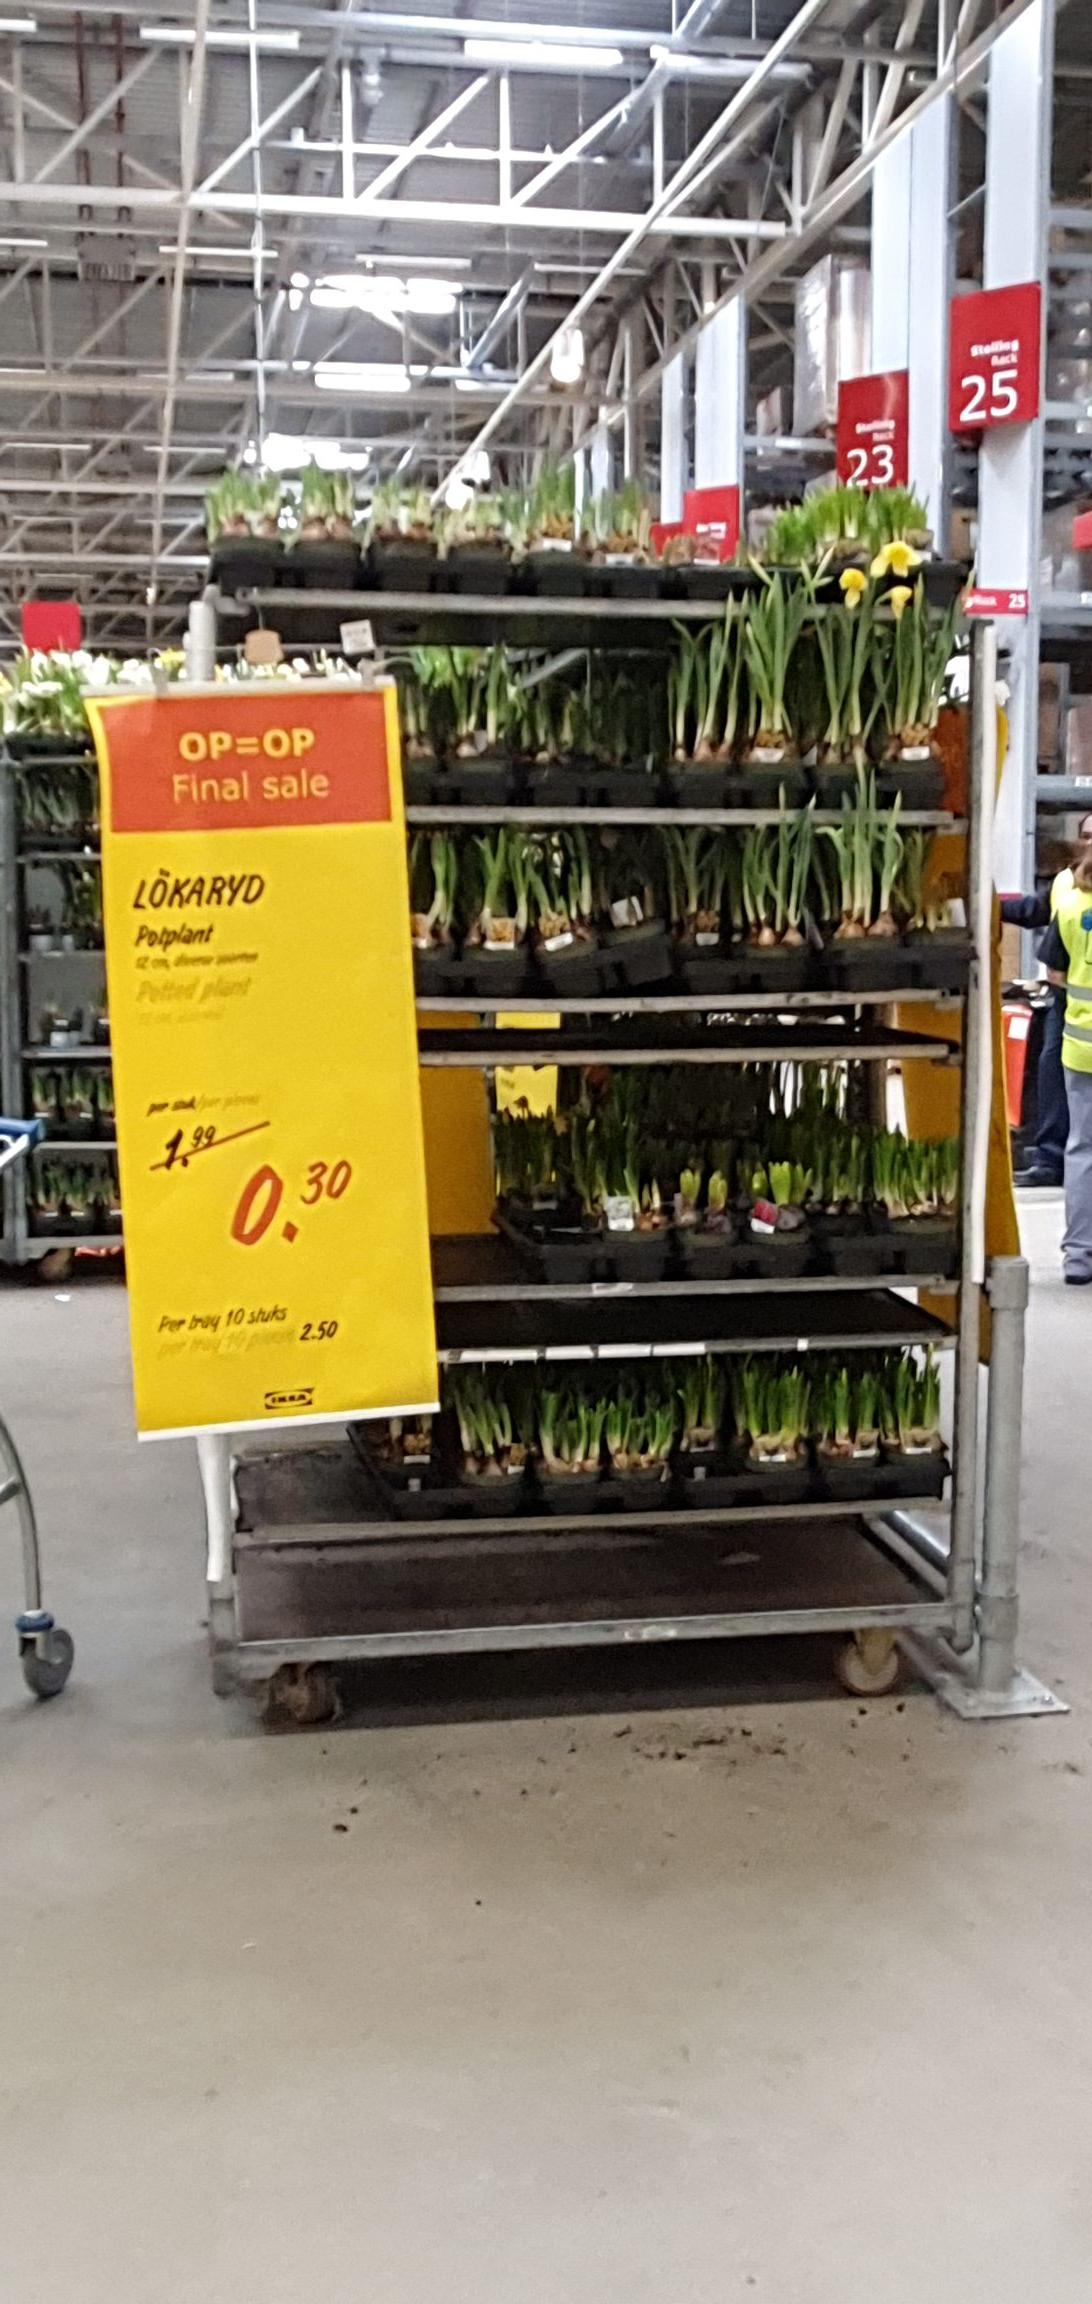 Narcissen en andere bloembollenplanten 0.30 ct bij IKEA Delft